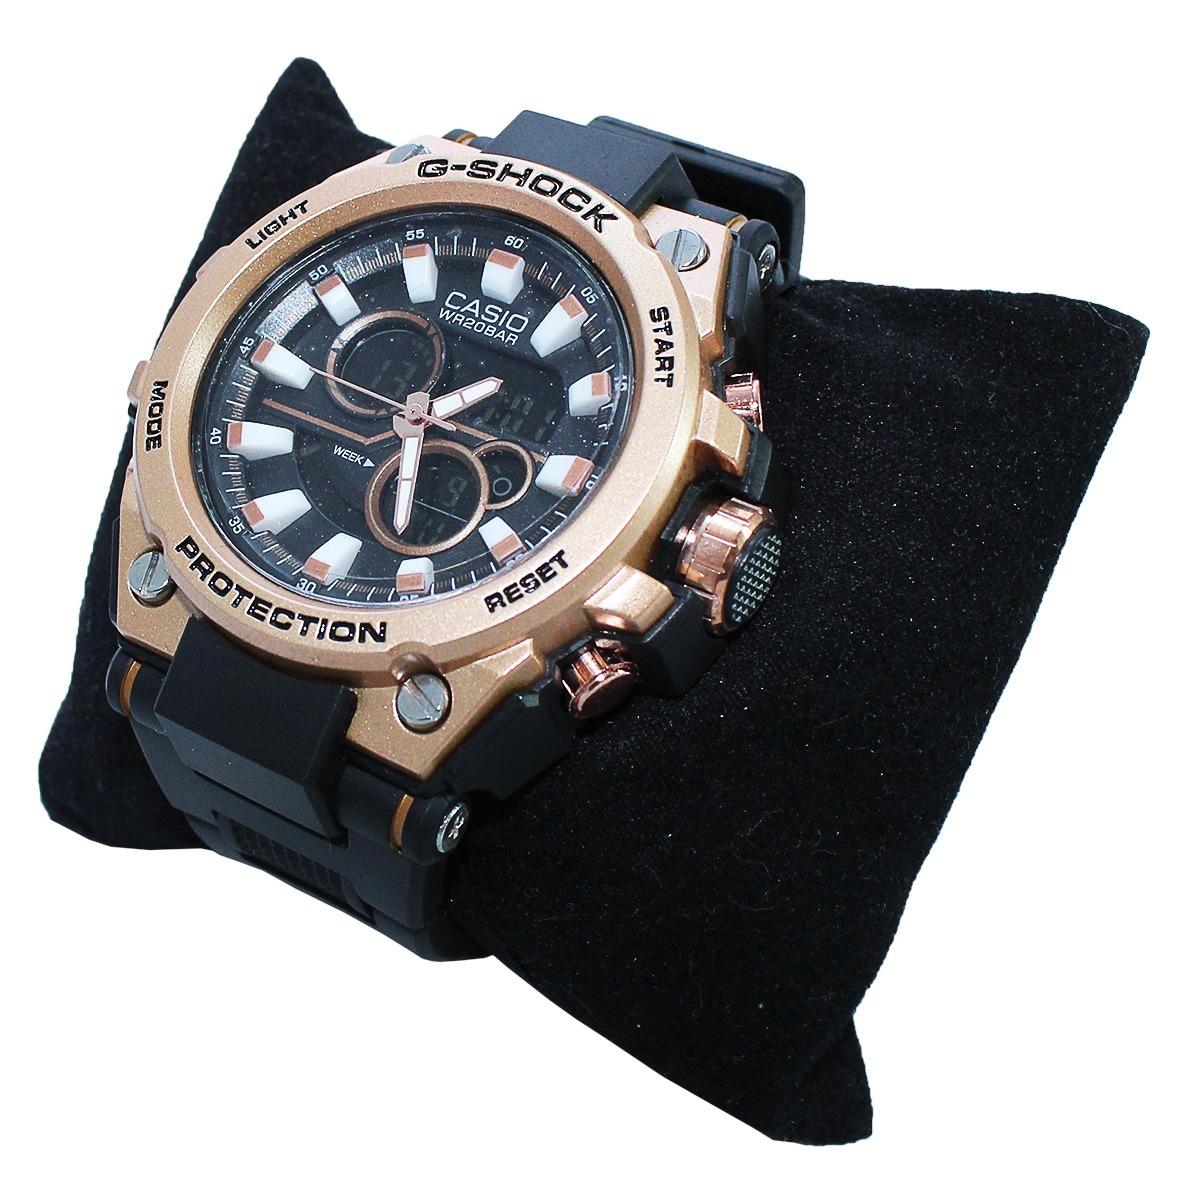 5e236369fb2 relógio casio g shock bronze digital analógico lançamento. Carregando zoom.